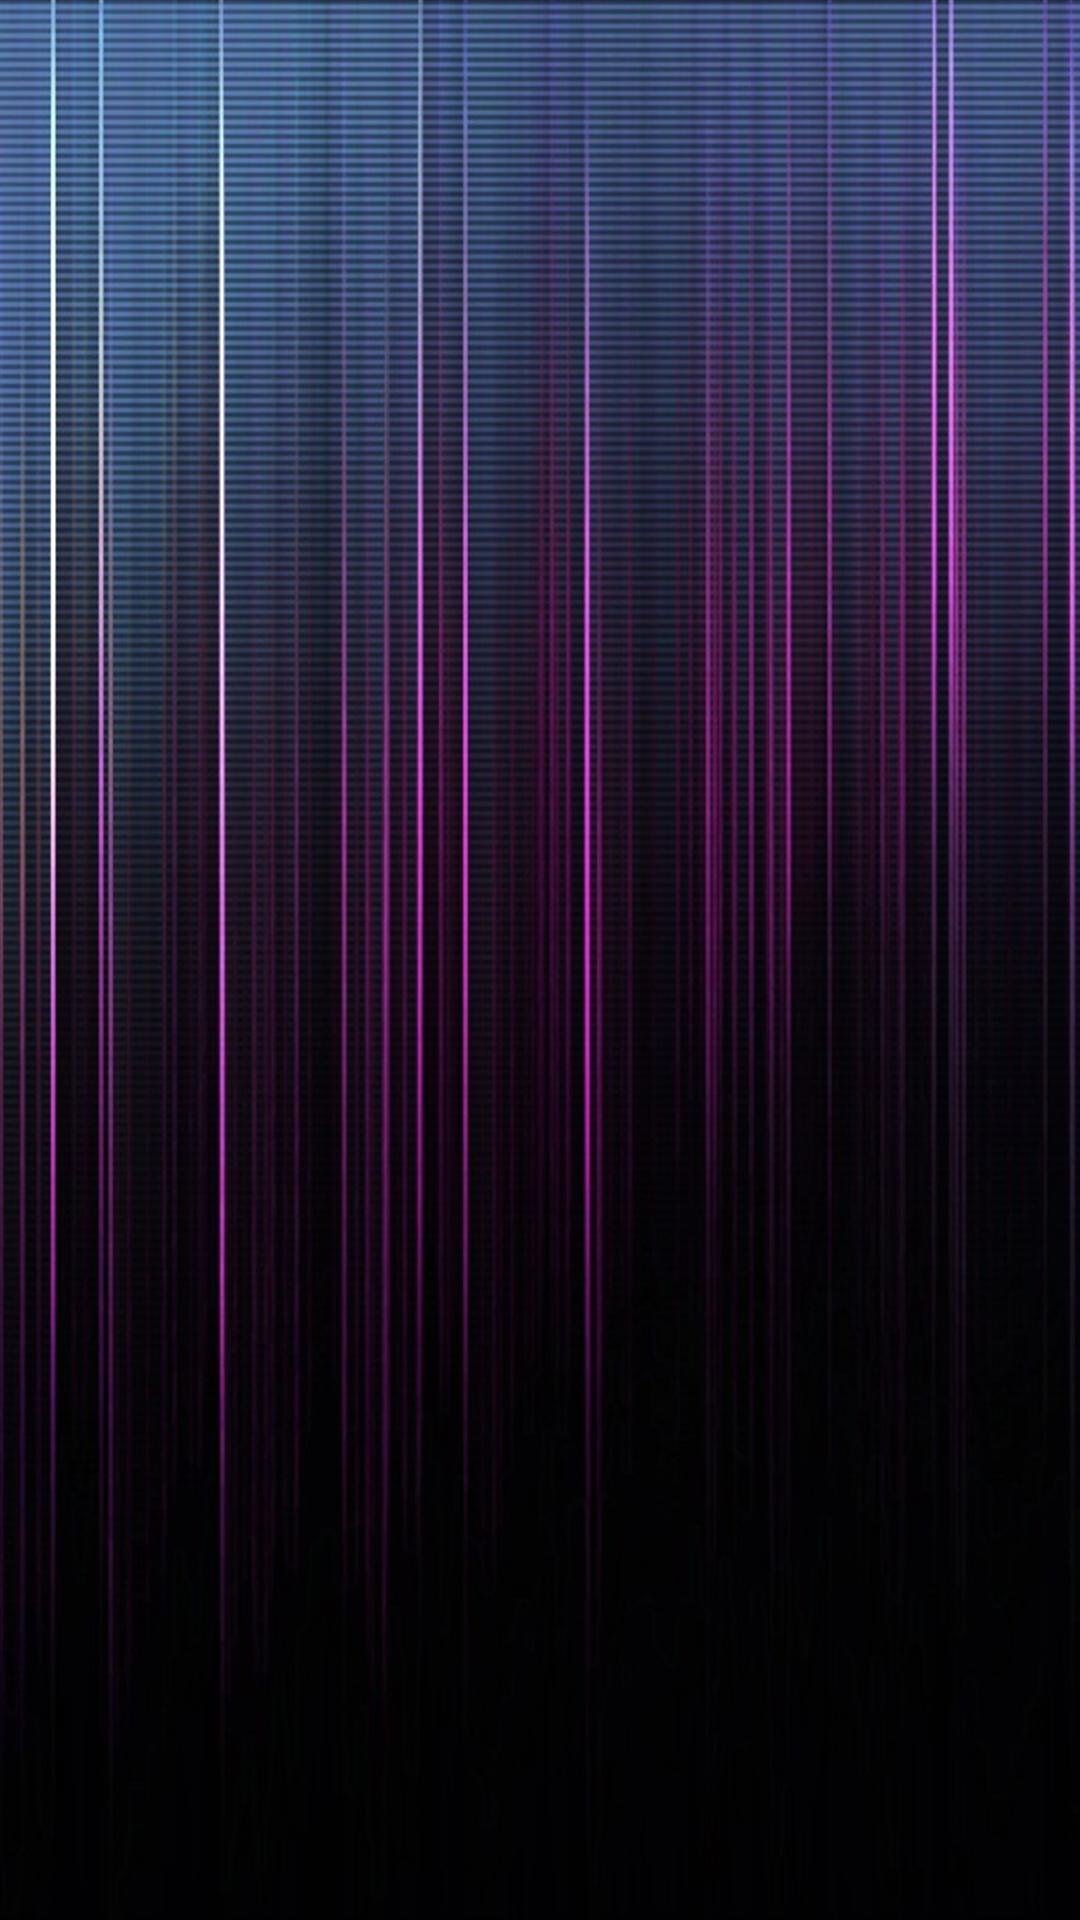 1080x1920 Wallpaper Vertical 4 Line Vertical Shadow light iPho